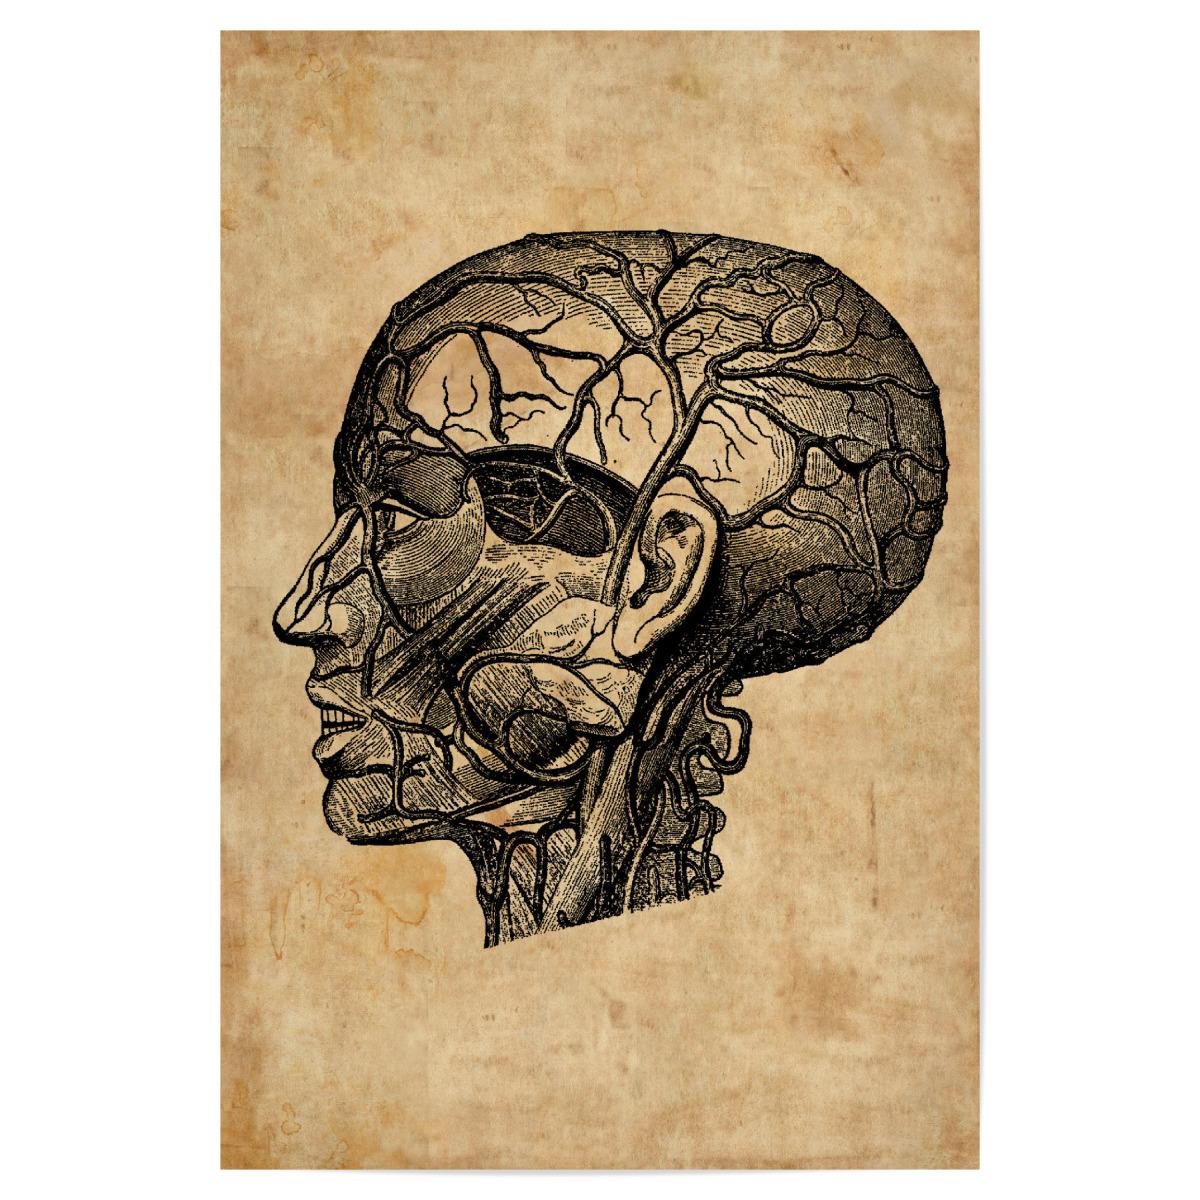 Anatomie des Kopfes als Poster bei artboxONE kaufen